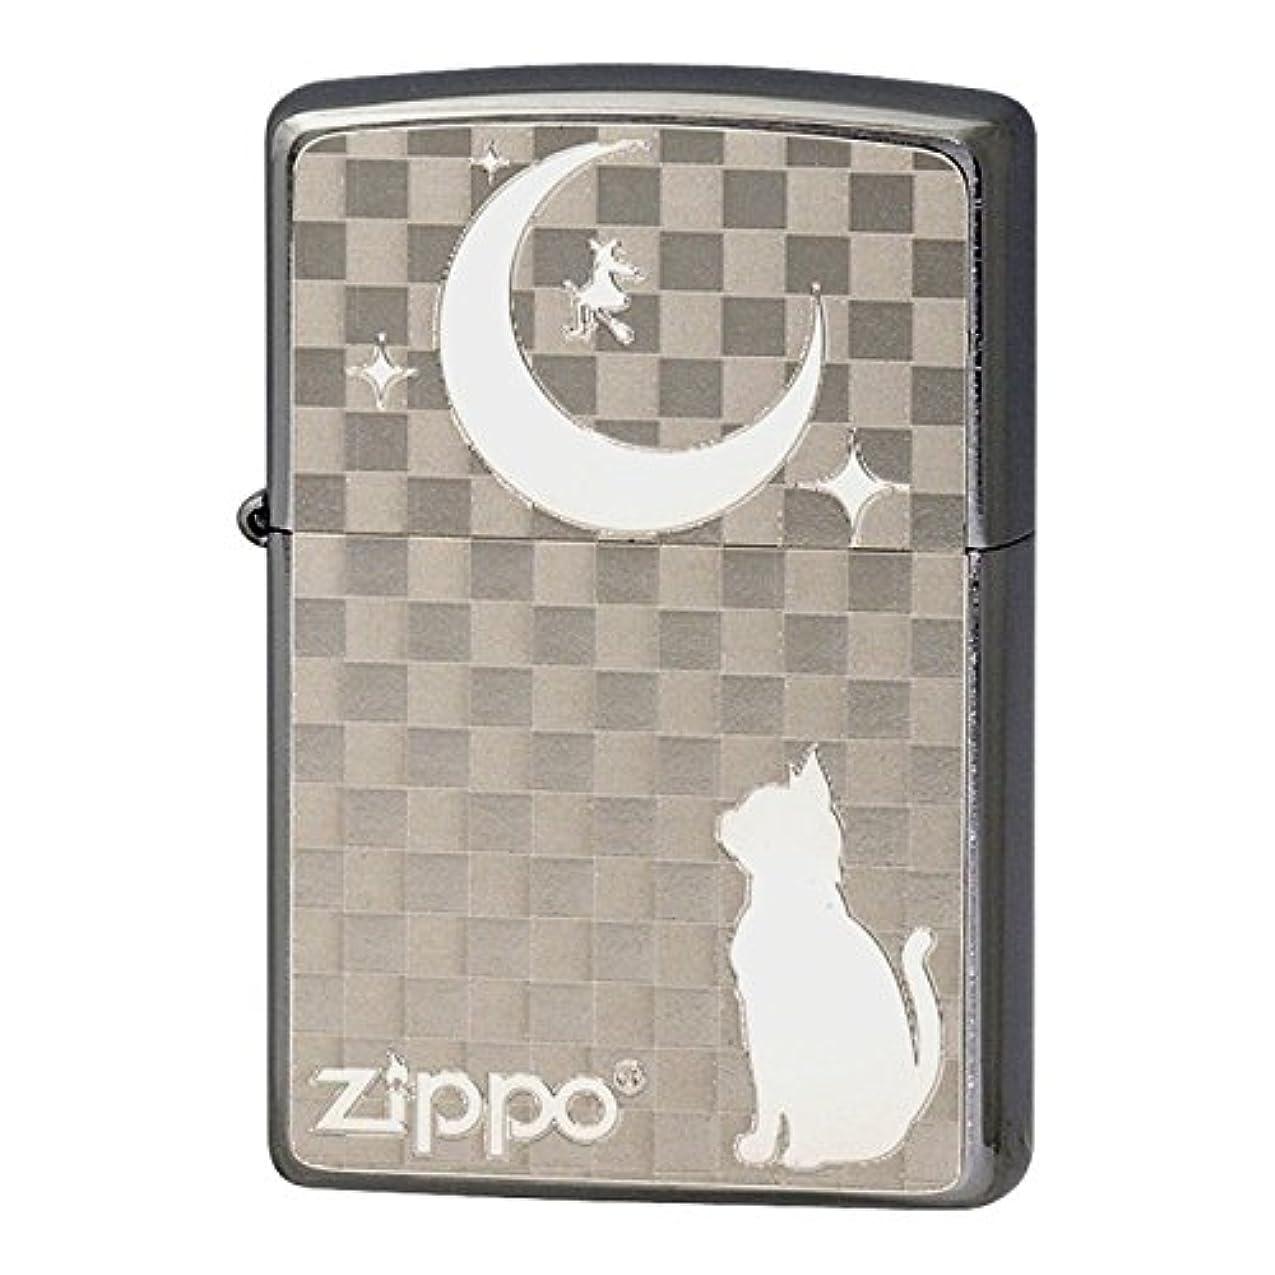 第しかし侵入するZippo ジッポー Zippoライター ジッポライター 名入れ ライター ジッポライター 猫 200 フラットボトム メタルペイントプレート ホワイトニッケル 2MP-ネコと月